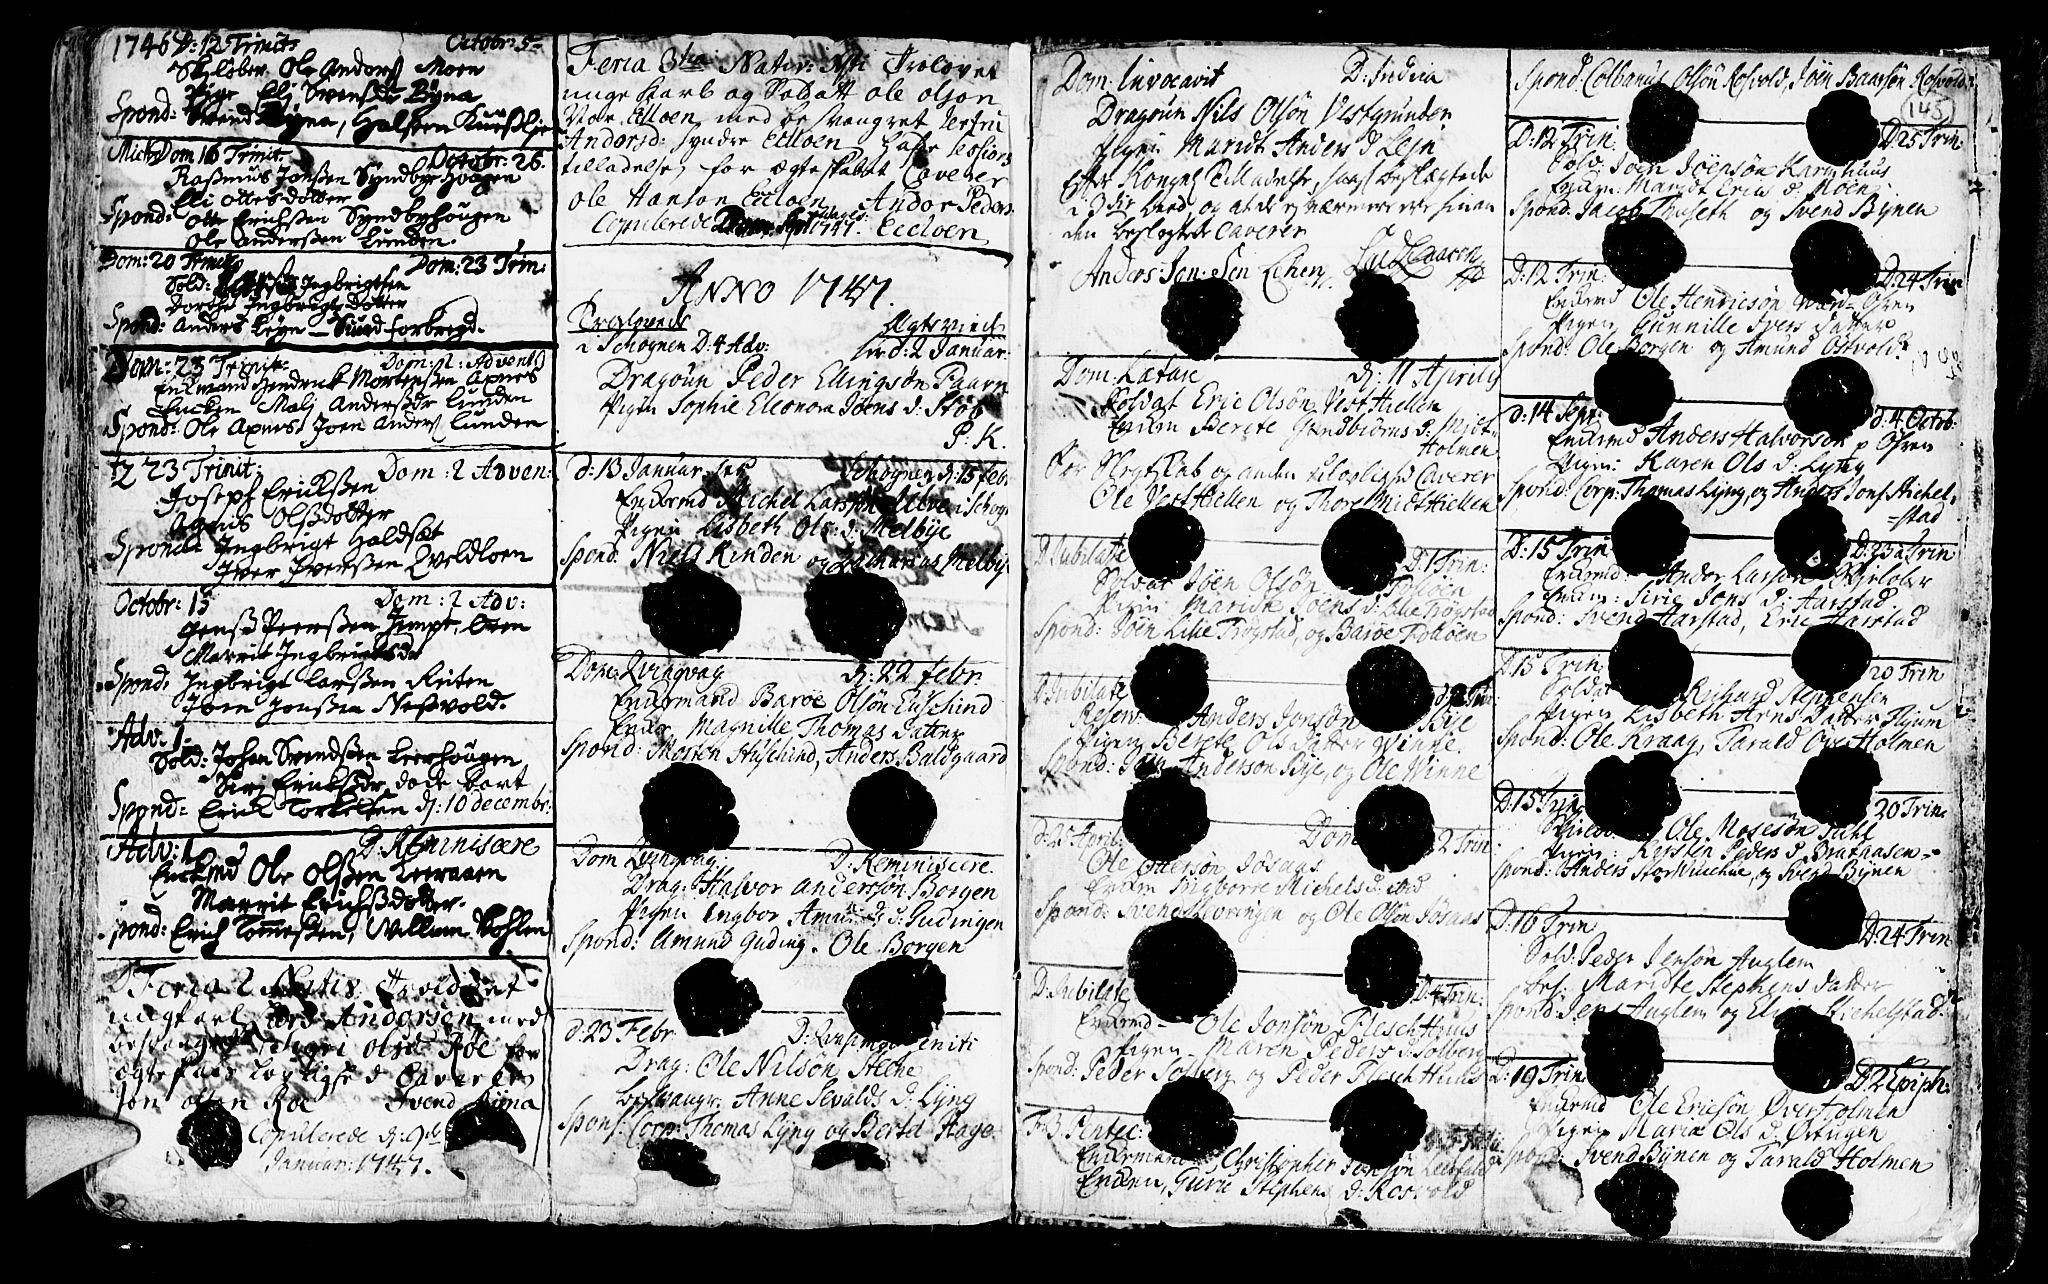 SAT, Ministerialprotokoller, klokkerbøker og fødselsregistre - Nord-Trøndelag, 723/L0230: Ministerialbok nr. 723A01, 1705-1747, s. 145